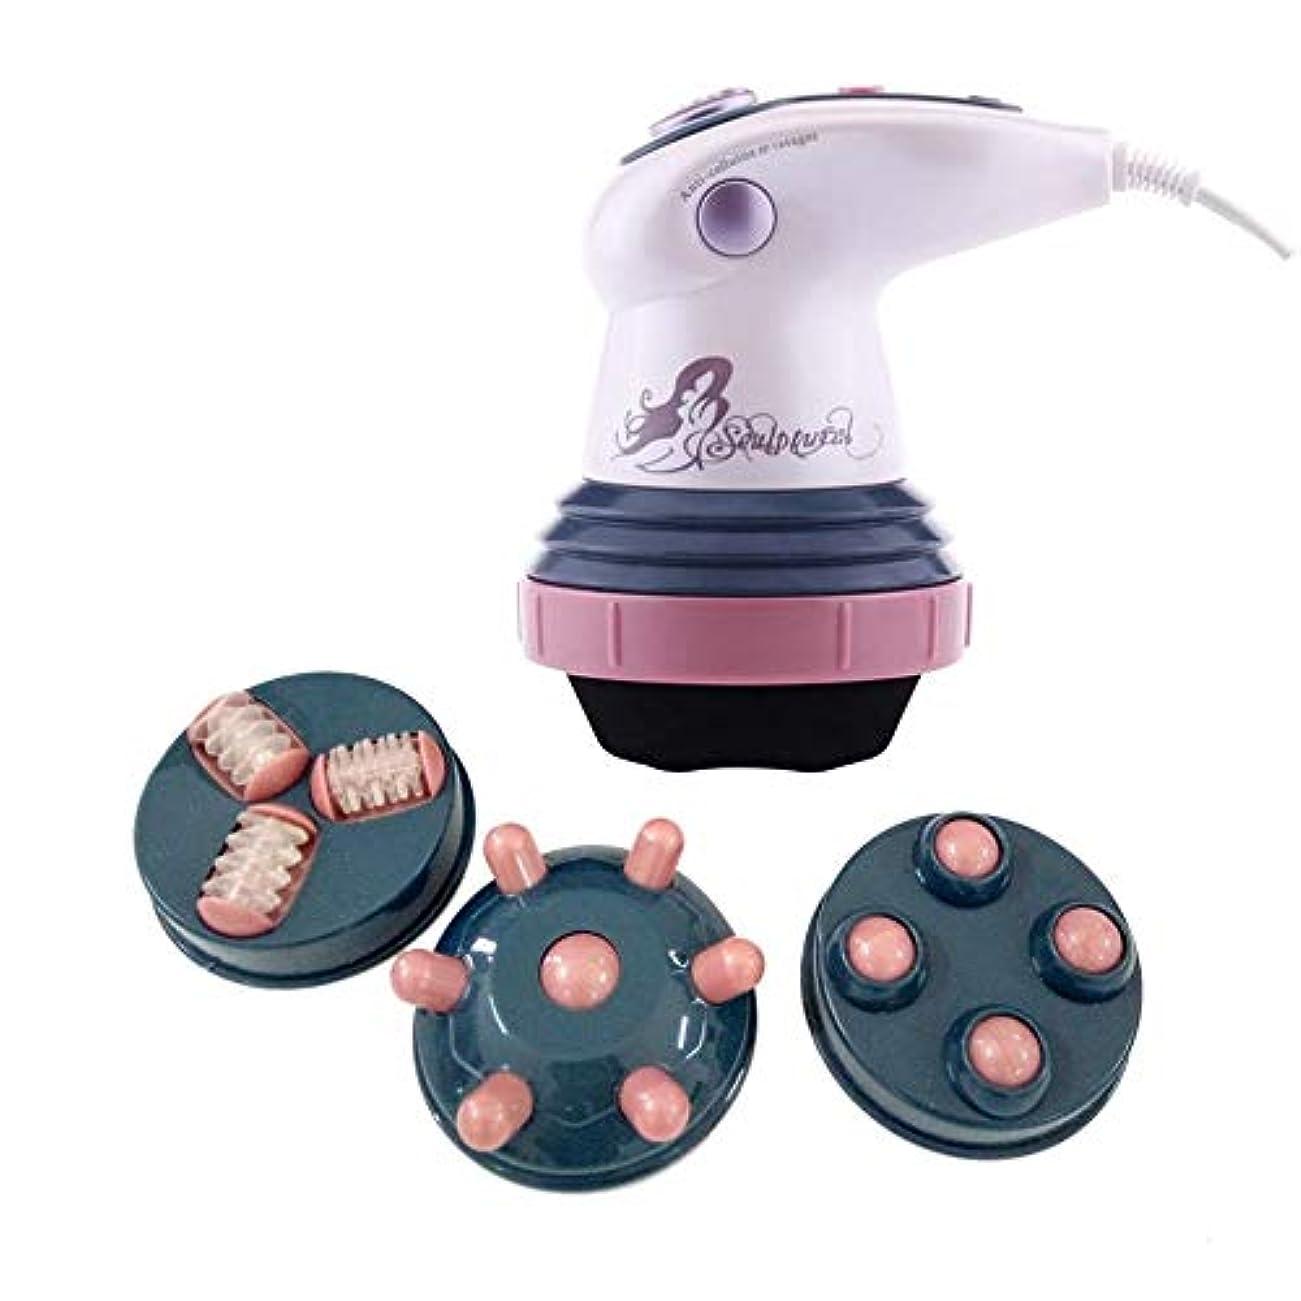 禁止する豊かな胸低雑音の赤外線電気脂肪燃焼はボディスリミングマッサージャー抗セルライトボディマッサージ機を削除します - ピンク